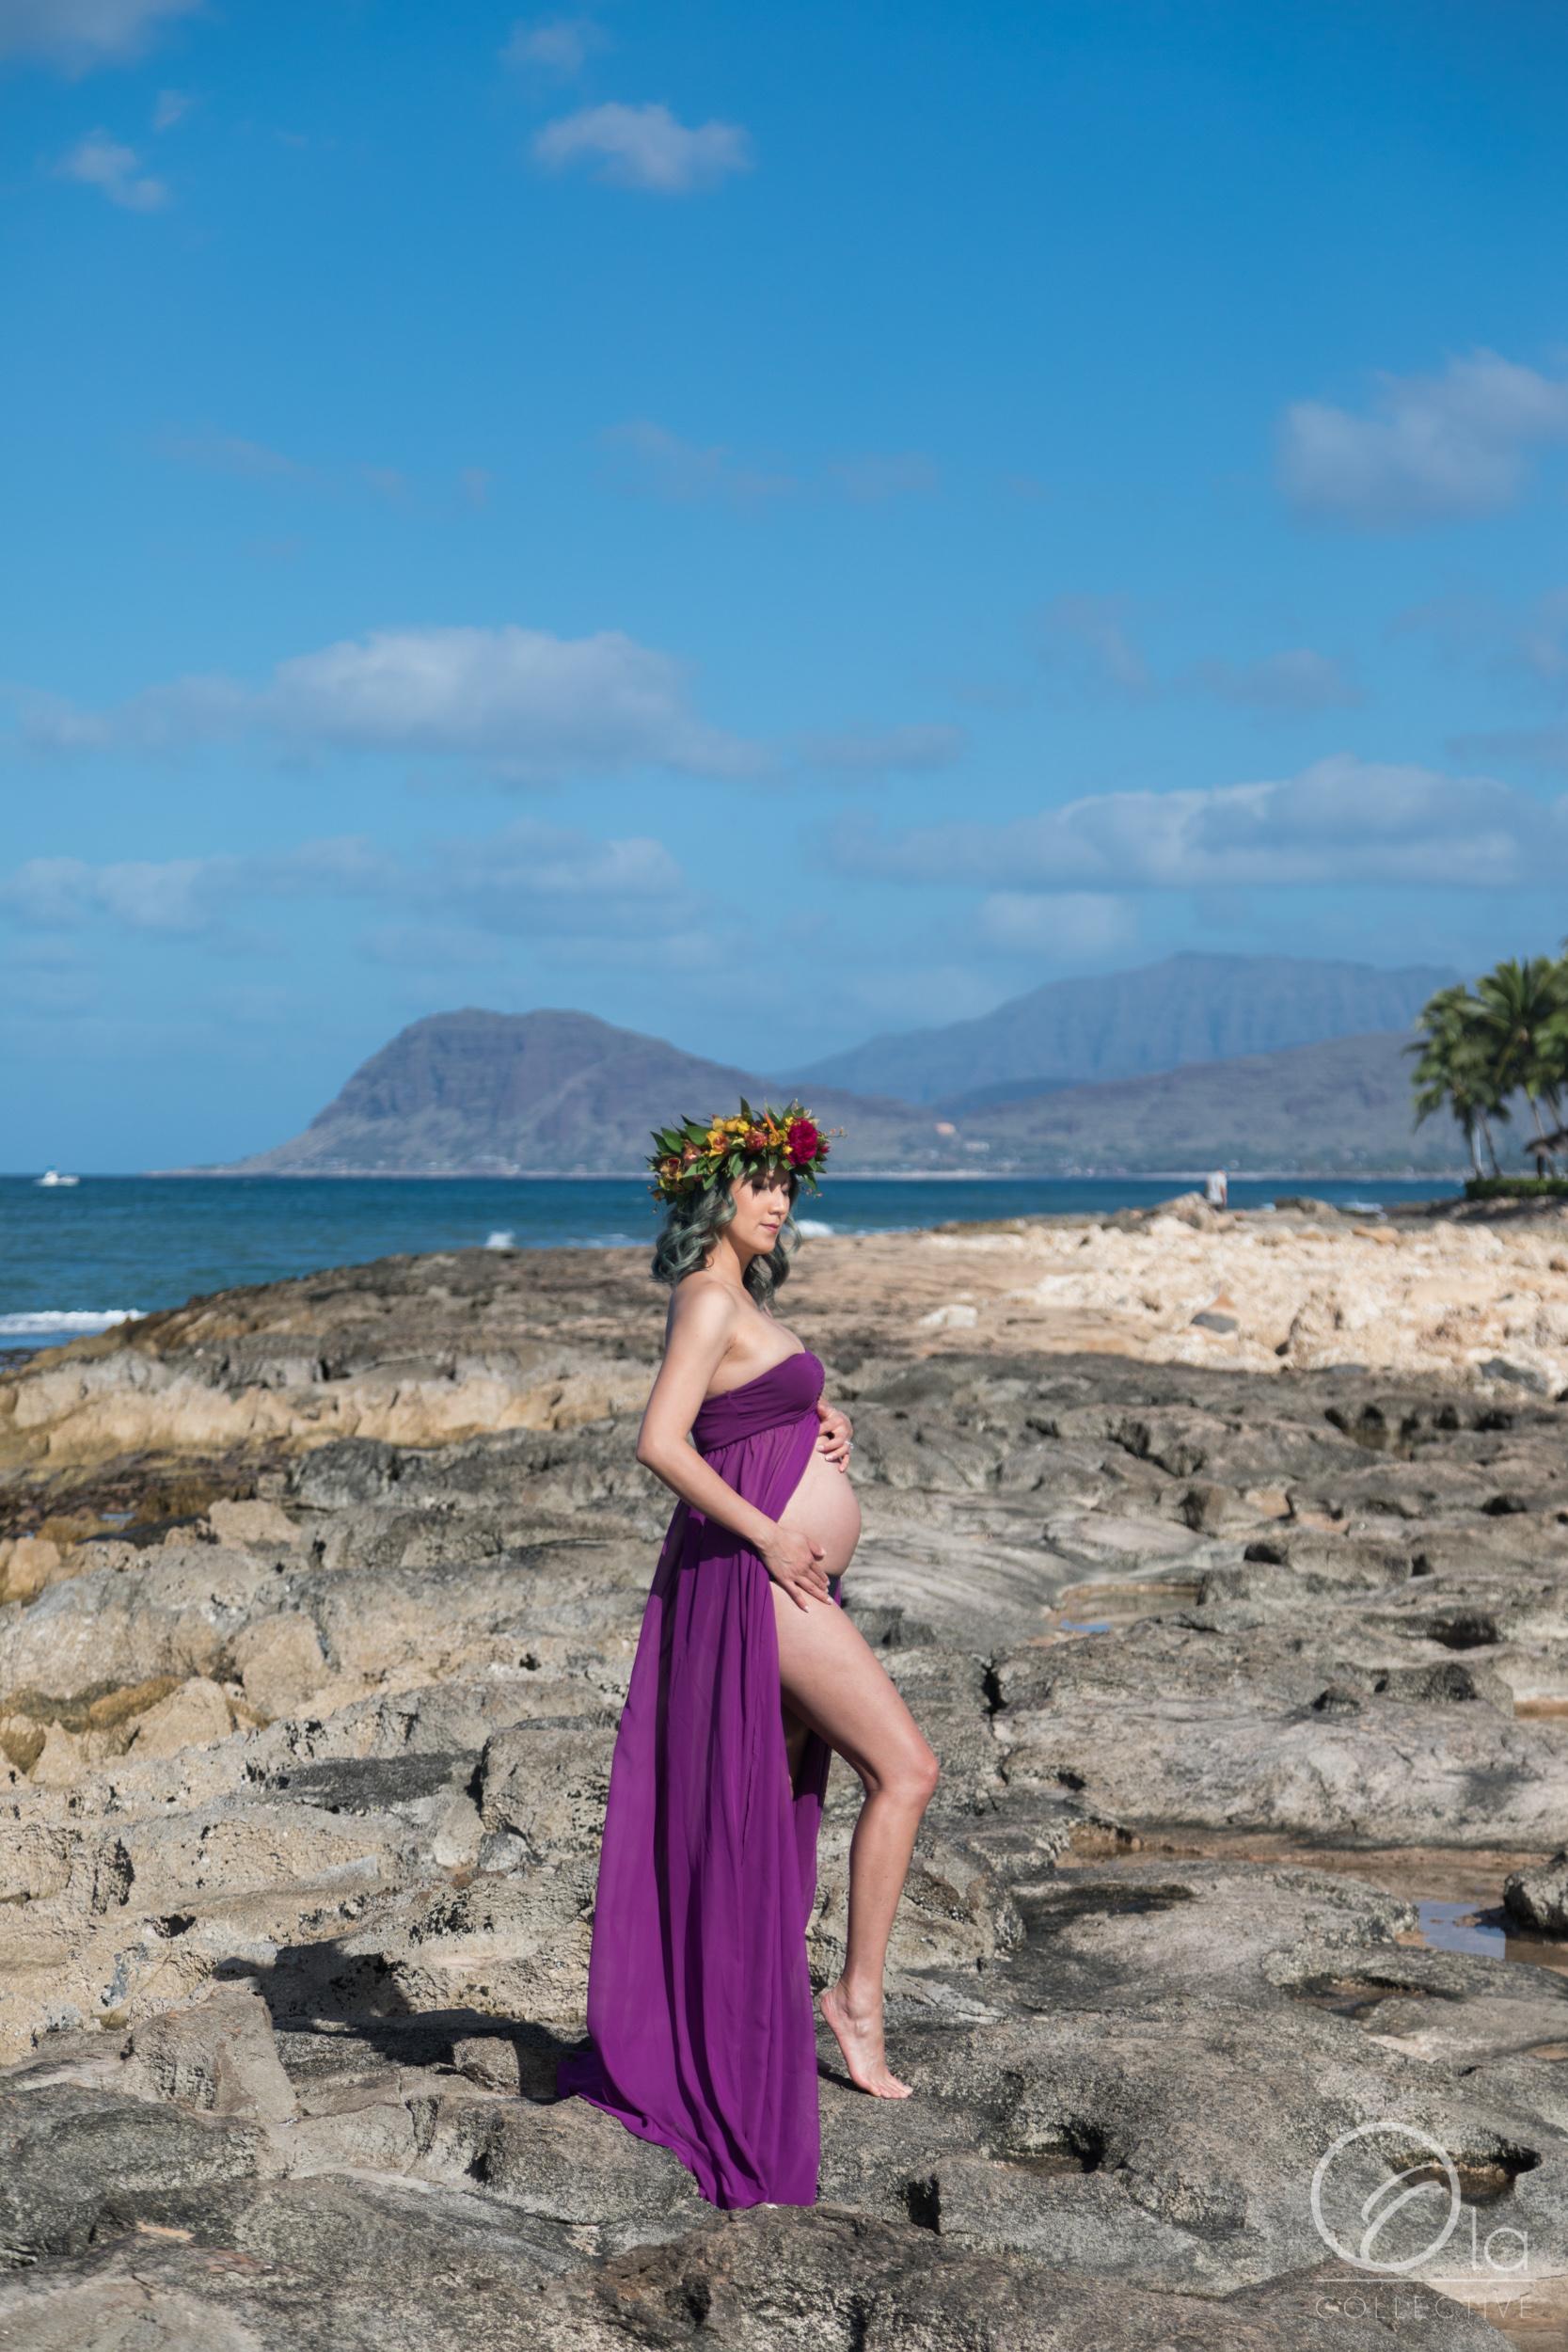 Four-Seasons-Oahu-Maternity-Photographer-Ola-Collective-14.jpg